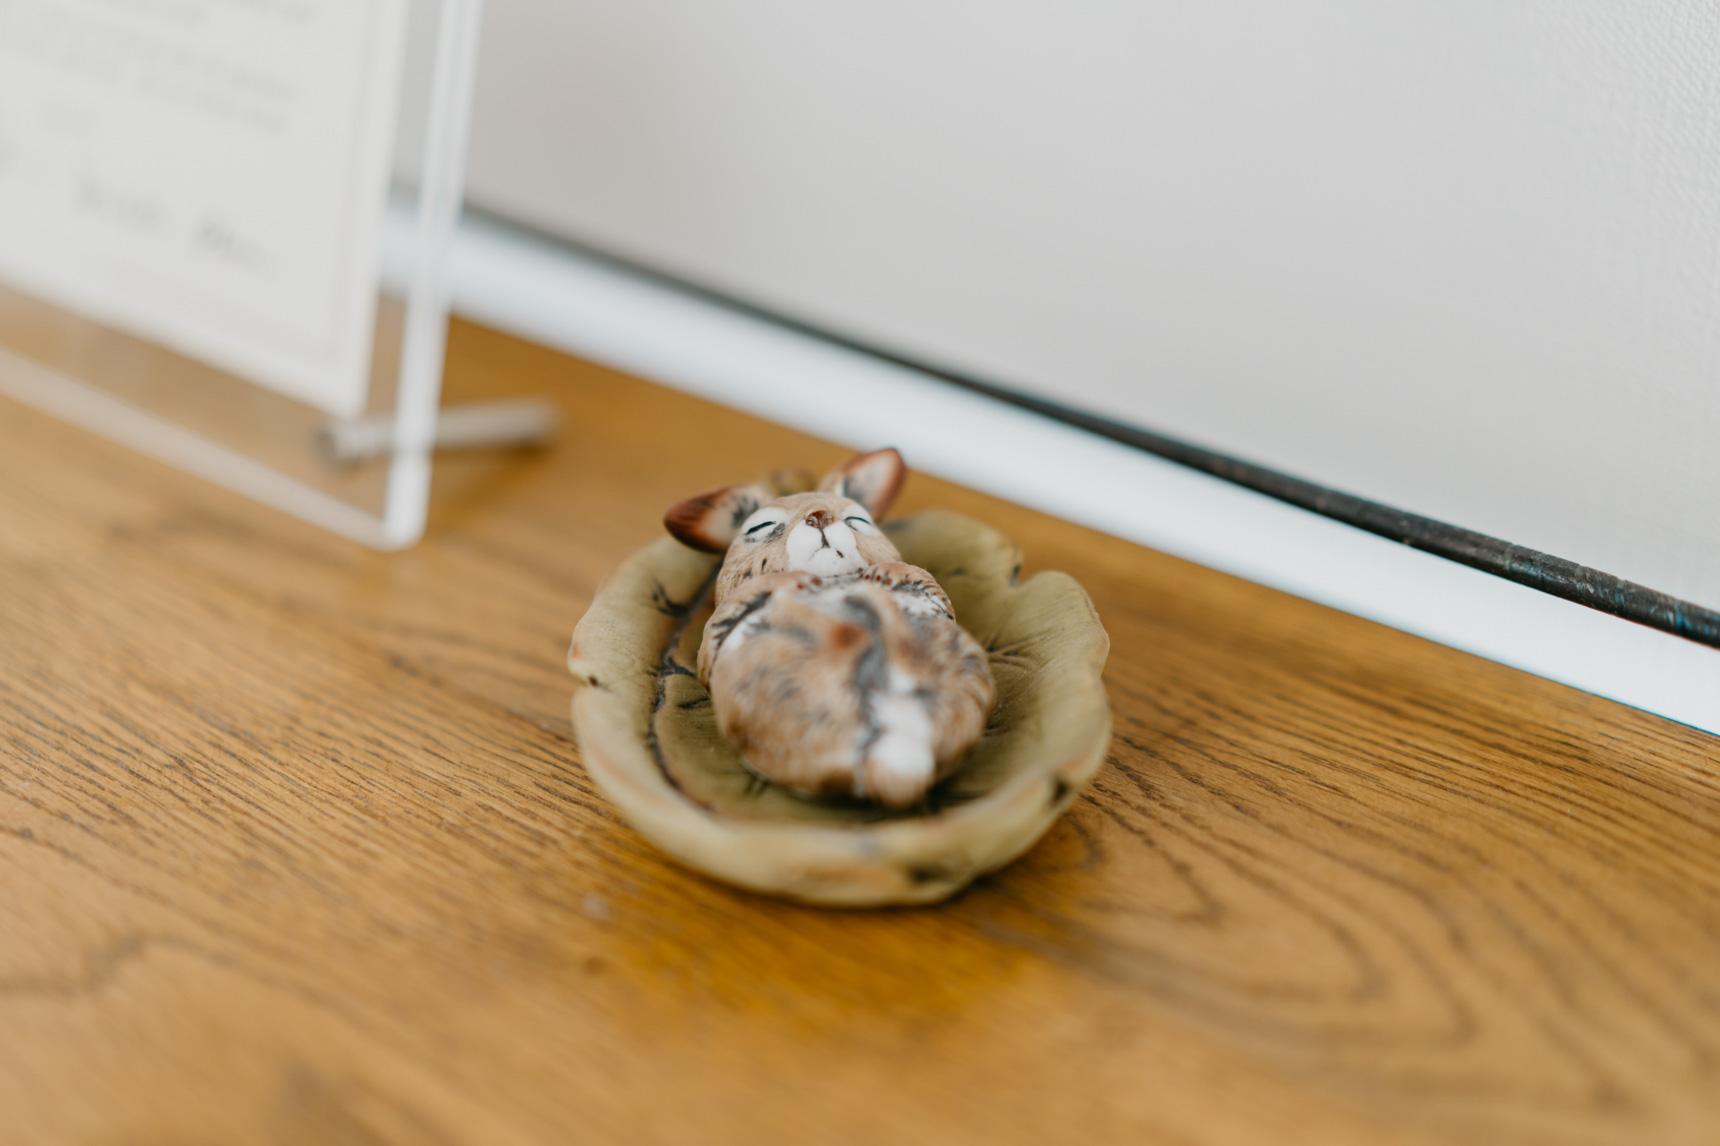 こちらのうさぎの置物は、kanakoさんが小学生の時にお父様からお土産として貰ったもの。ずっと大切にされているそうです。